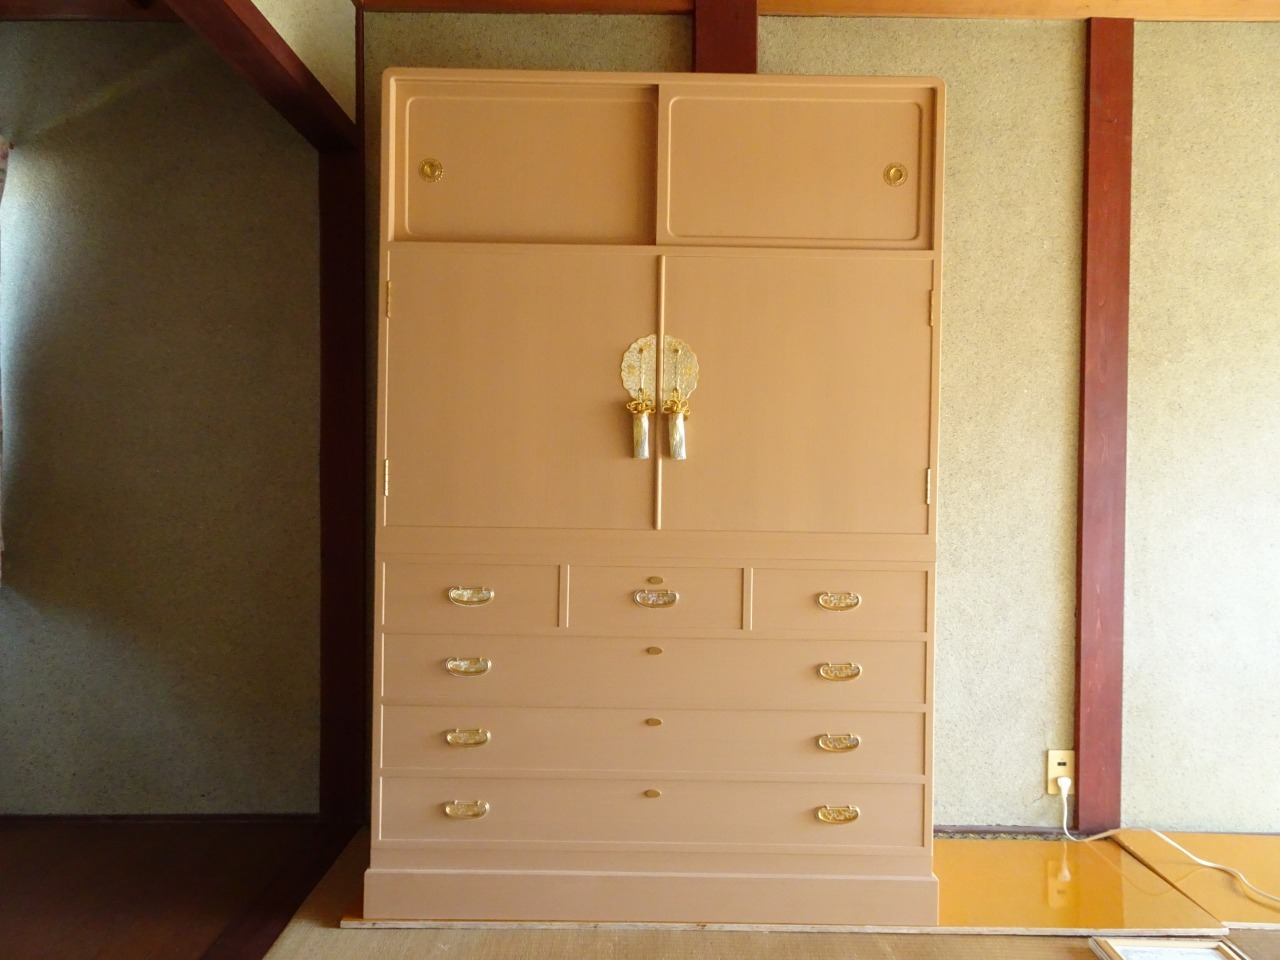 桐箪笥の納品事例!大阪府のN様の総桐の衣裳箪笥のお届けお届け写真と動画です。